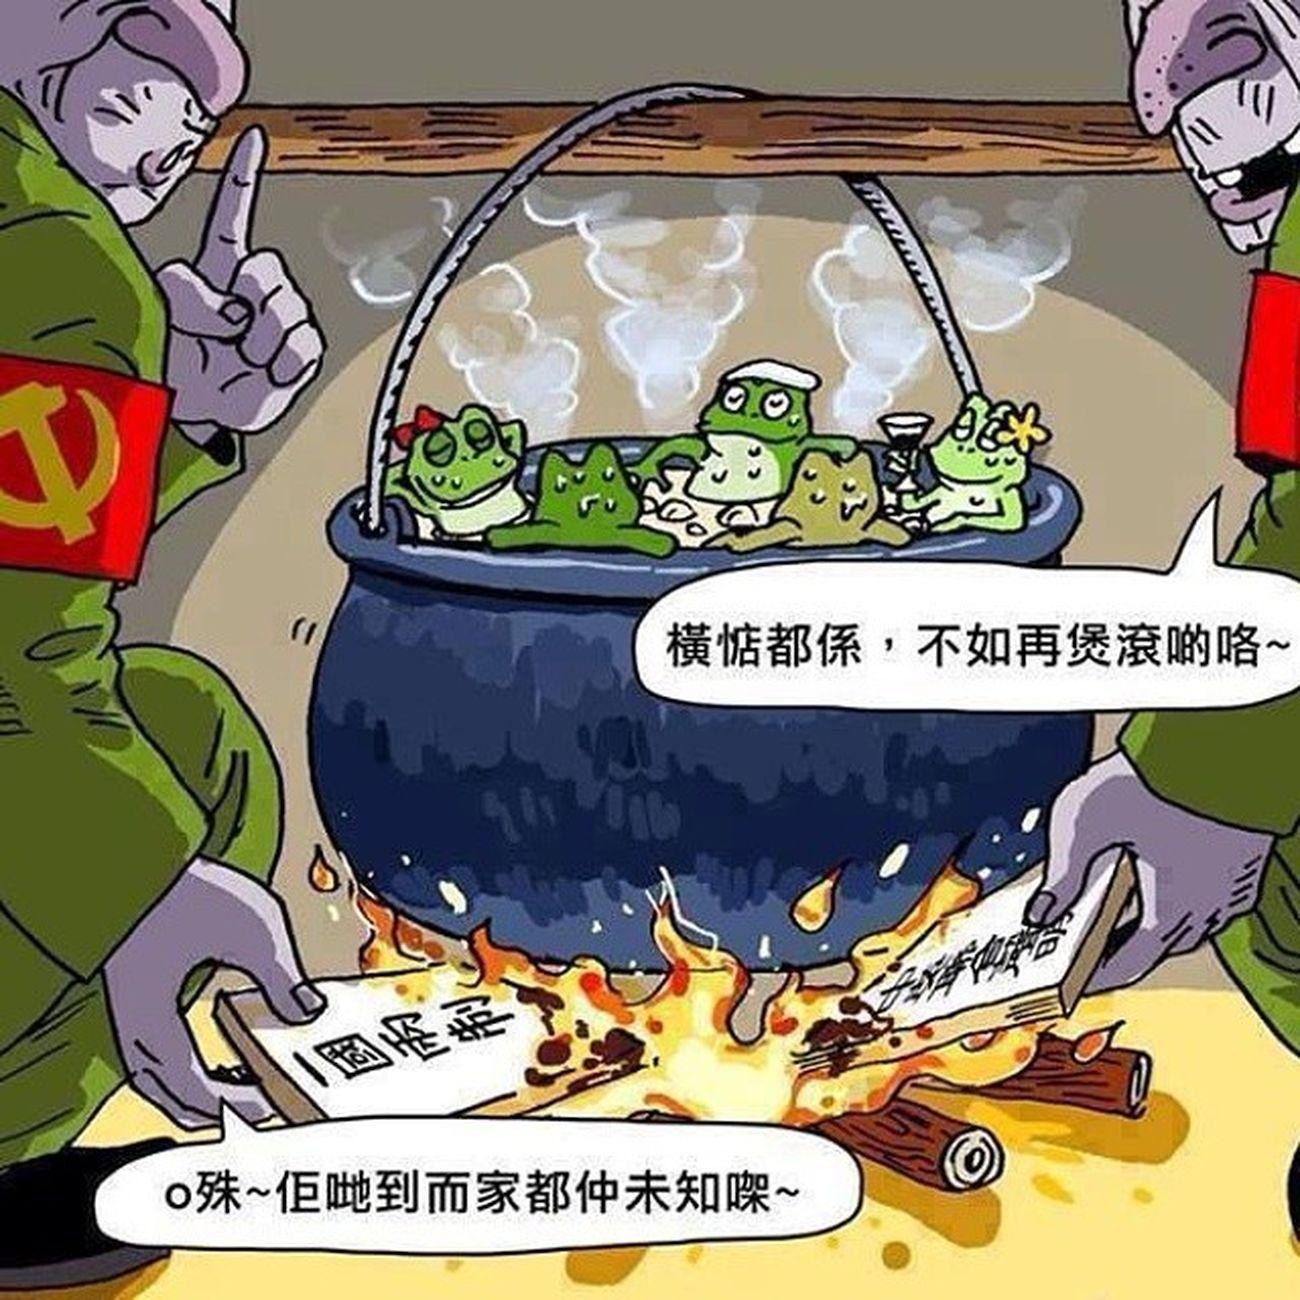 如果此帖為在下instagram最後一帖的話,請為我默哀! Hkig 2014 Cusonlo 溫水煮蛙 烈士 安心上路 白皮書 自己的香港自己救 一國兩制